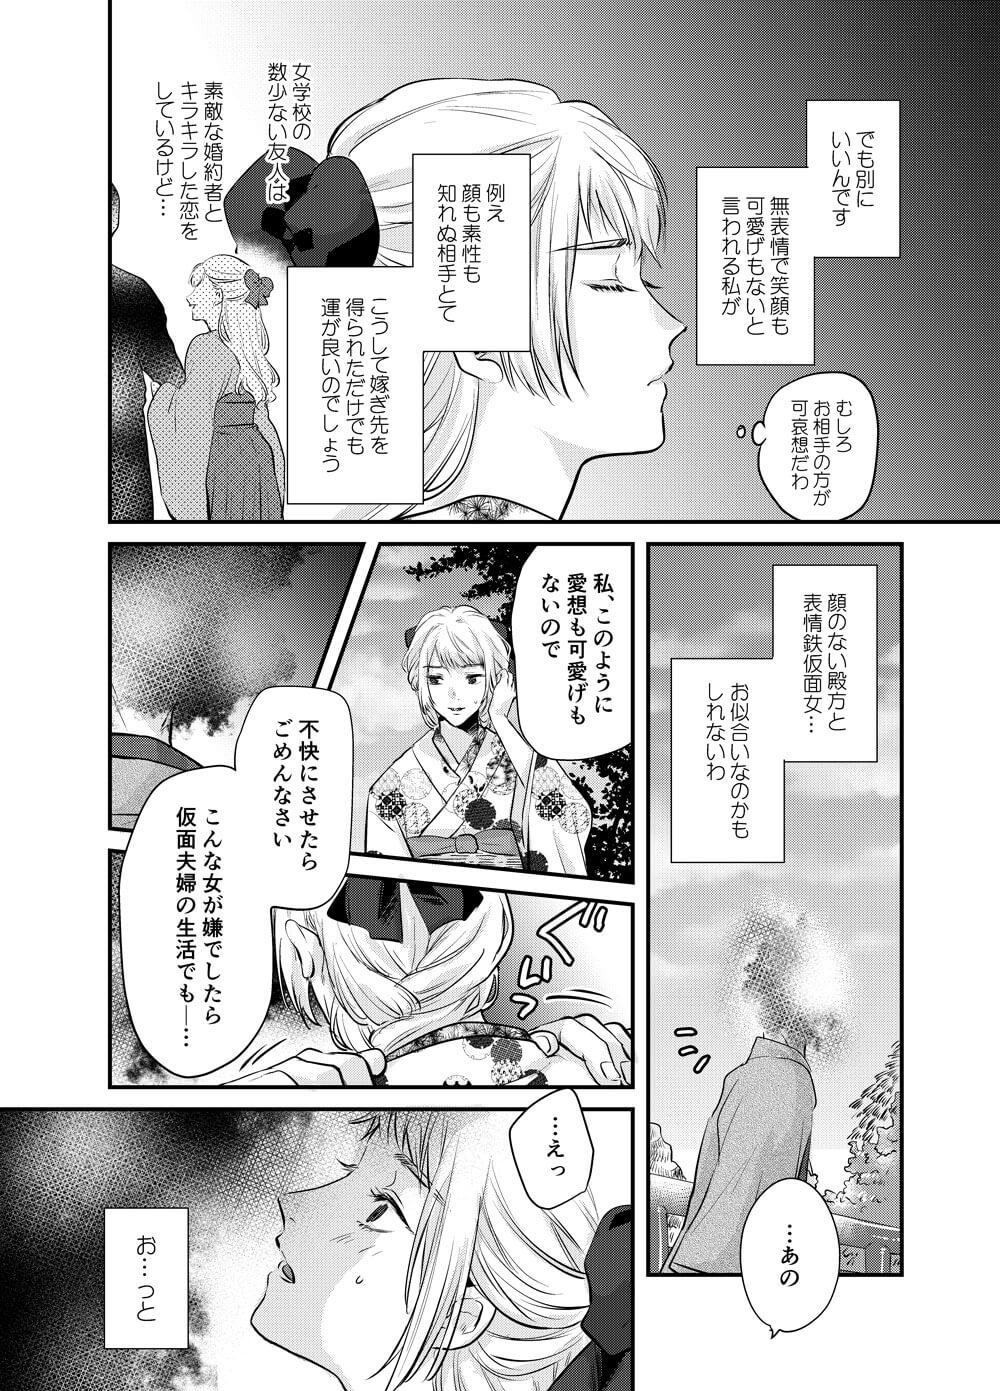 顔無神様と無表情女の異類婚02